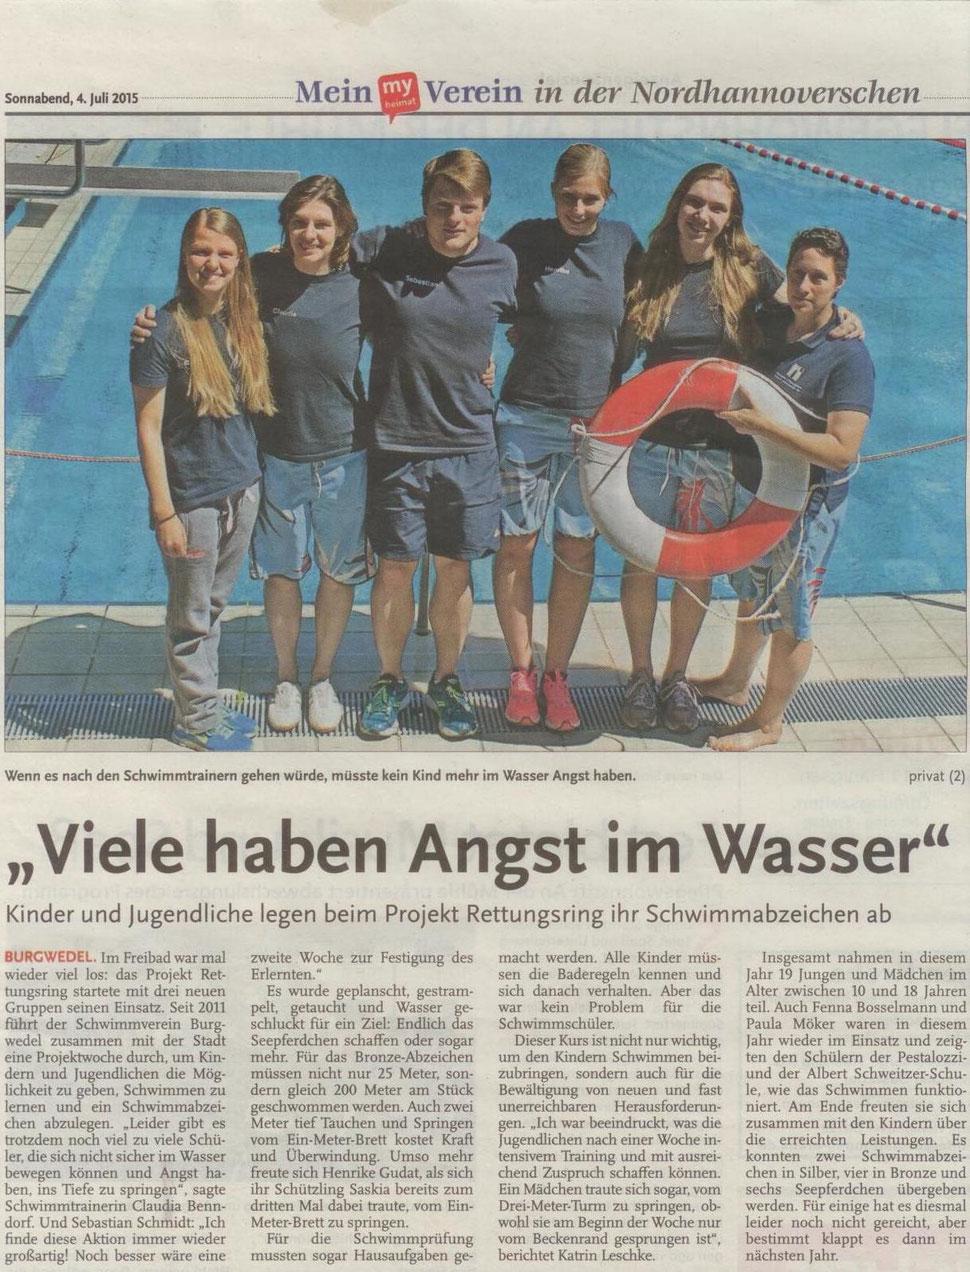 Rettungsschwimmer des SV Burgwedel, HAZ vom 4.7.2015